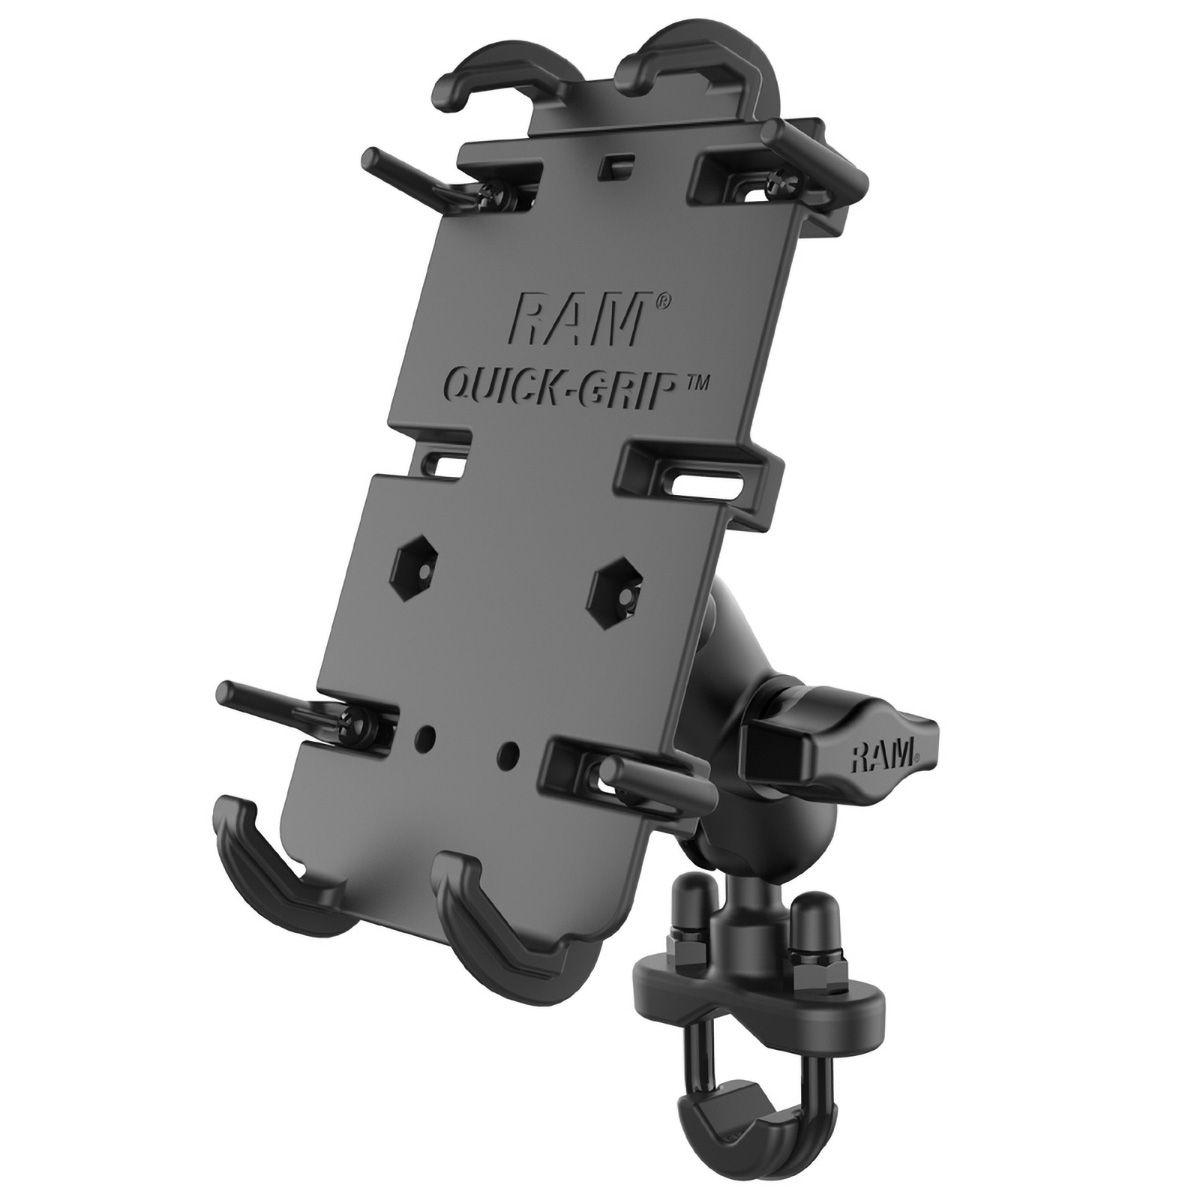 RAM Mounts Universal Lenker-/Rohr-Halterung - B-Kugel (1 Zoll), Rohr-Klemme, kurzer Verbindungsarm, Universal Quick-Grip XL Halteschale